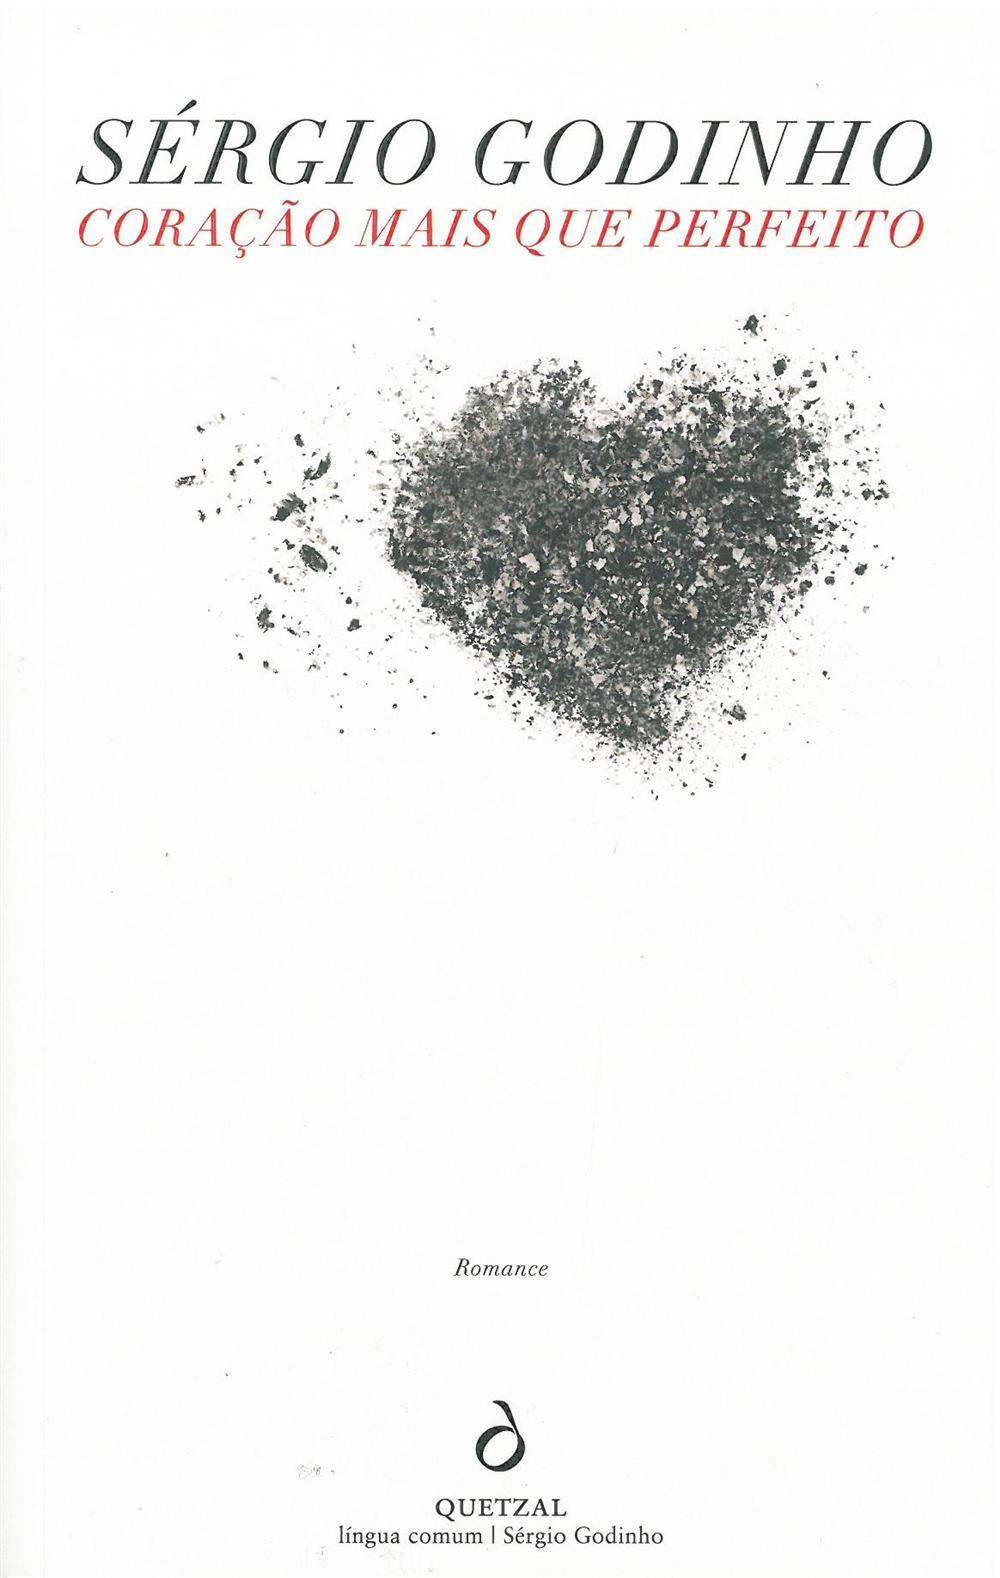 Coração mais que perfeito_.jpg